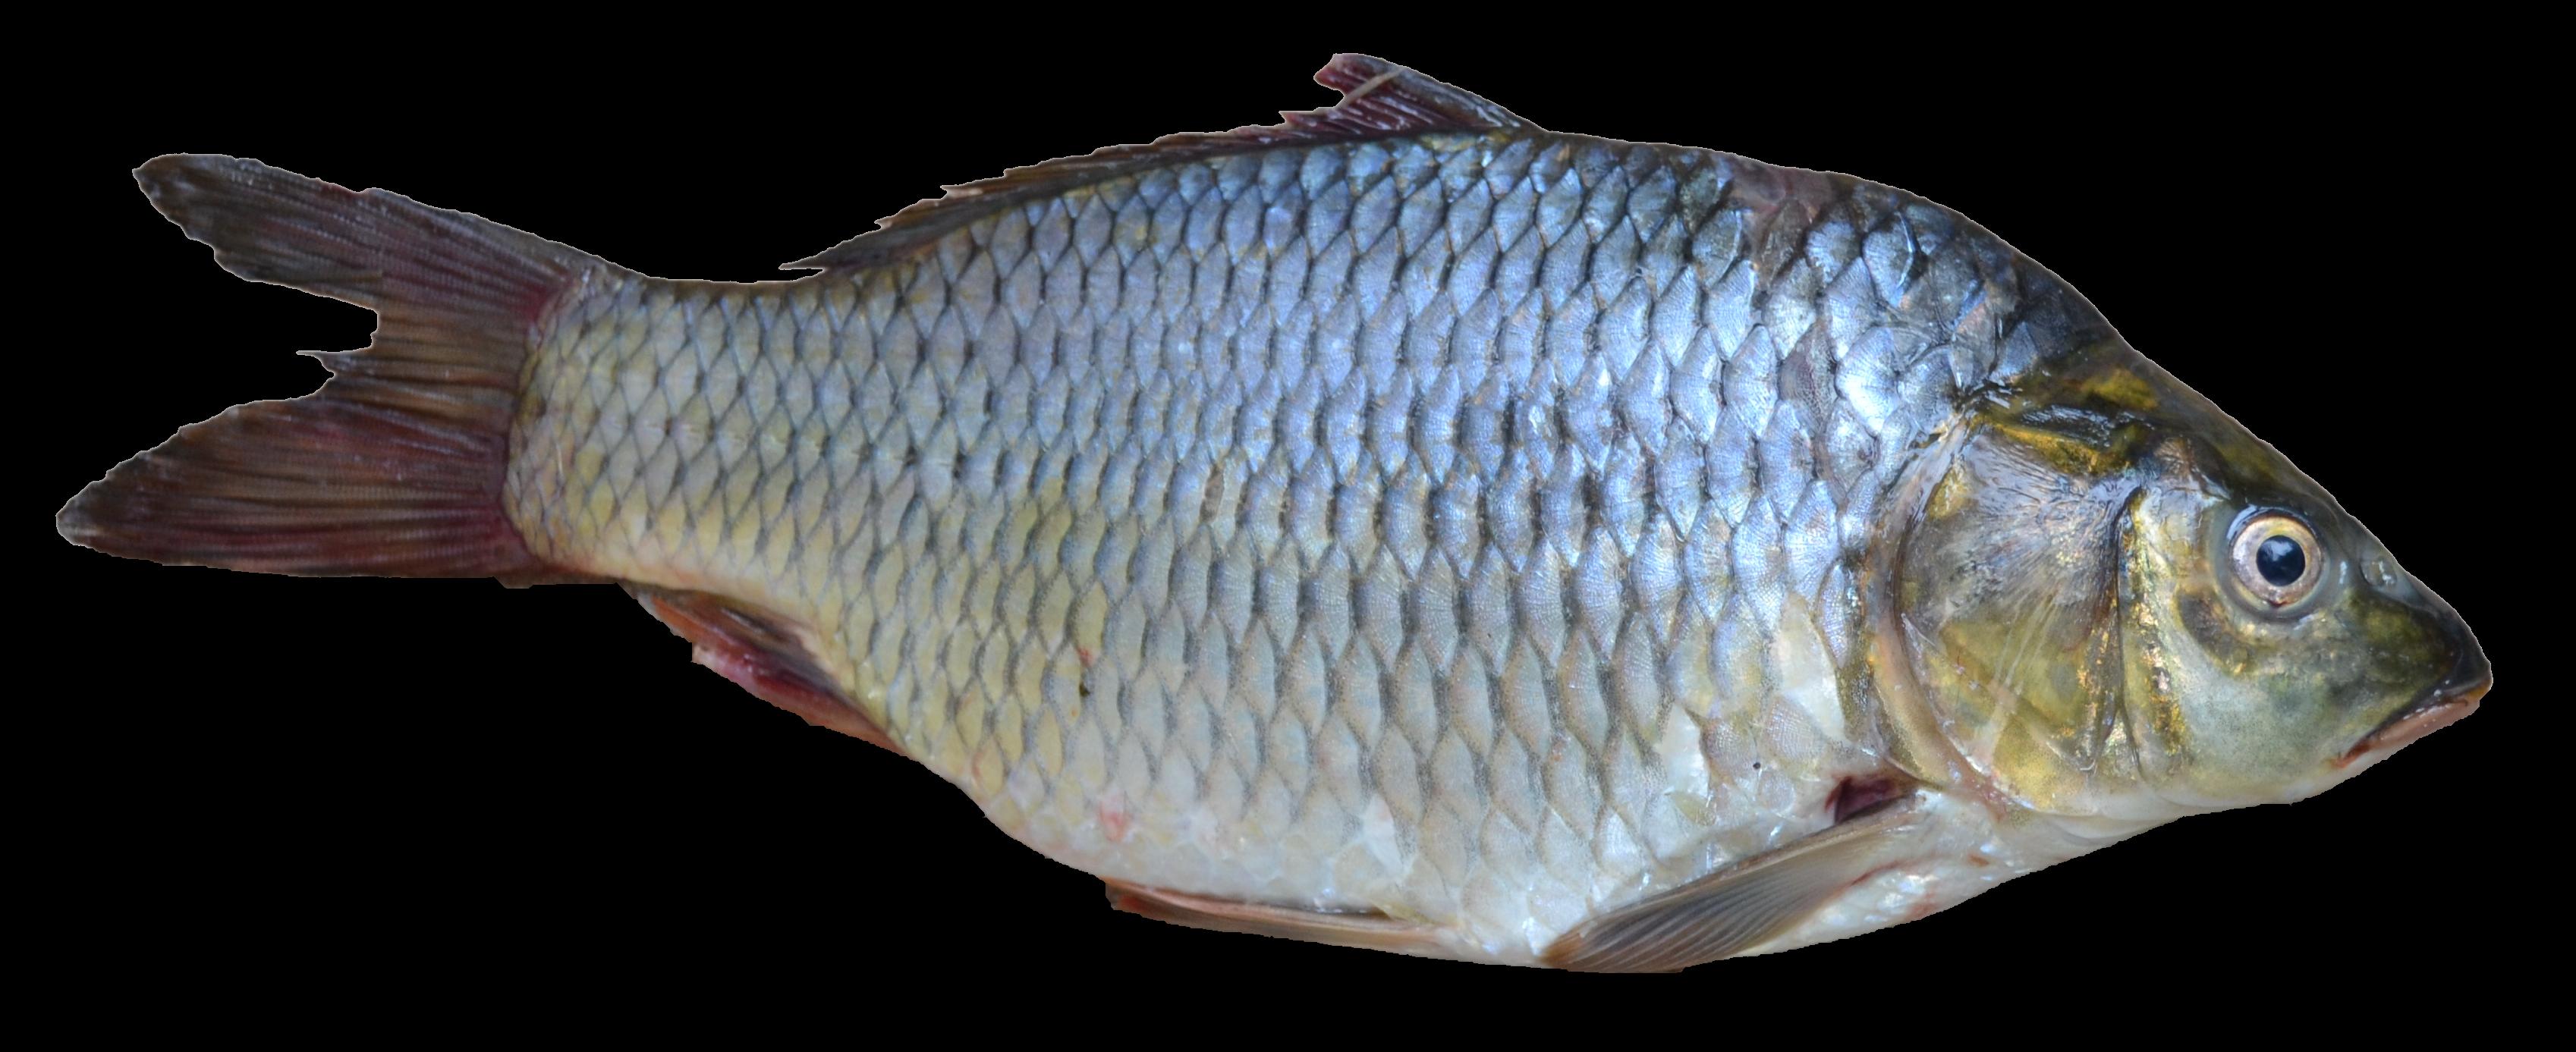 Fish PNG - 5043